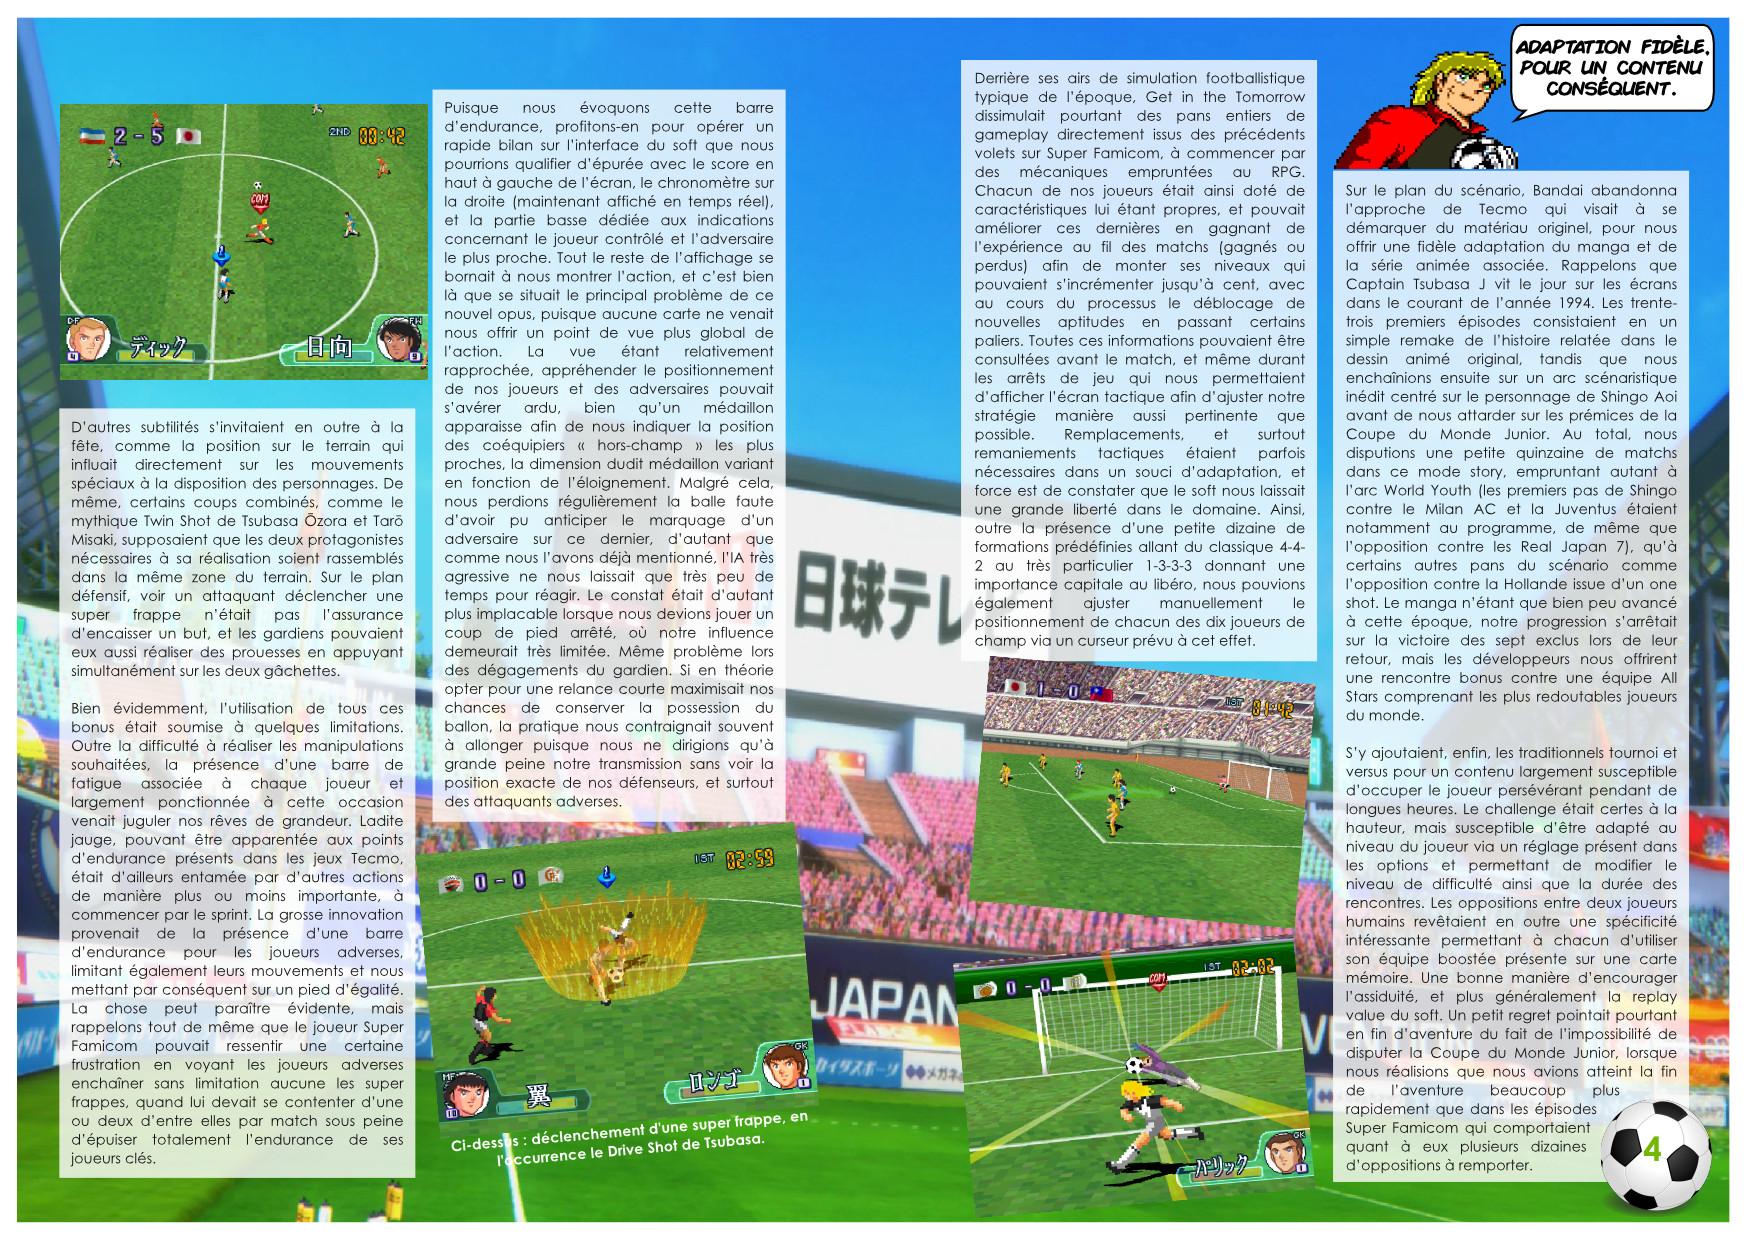 De Nankatsu à Barcelone 40 ans de Captain Tsubasa, Jeux vidéoextrait 1